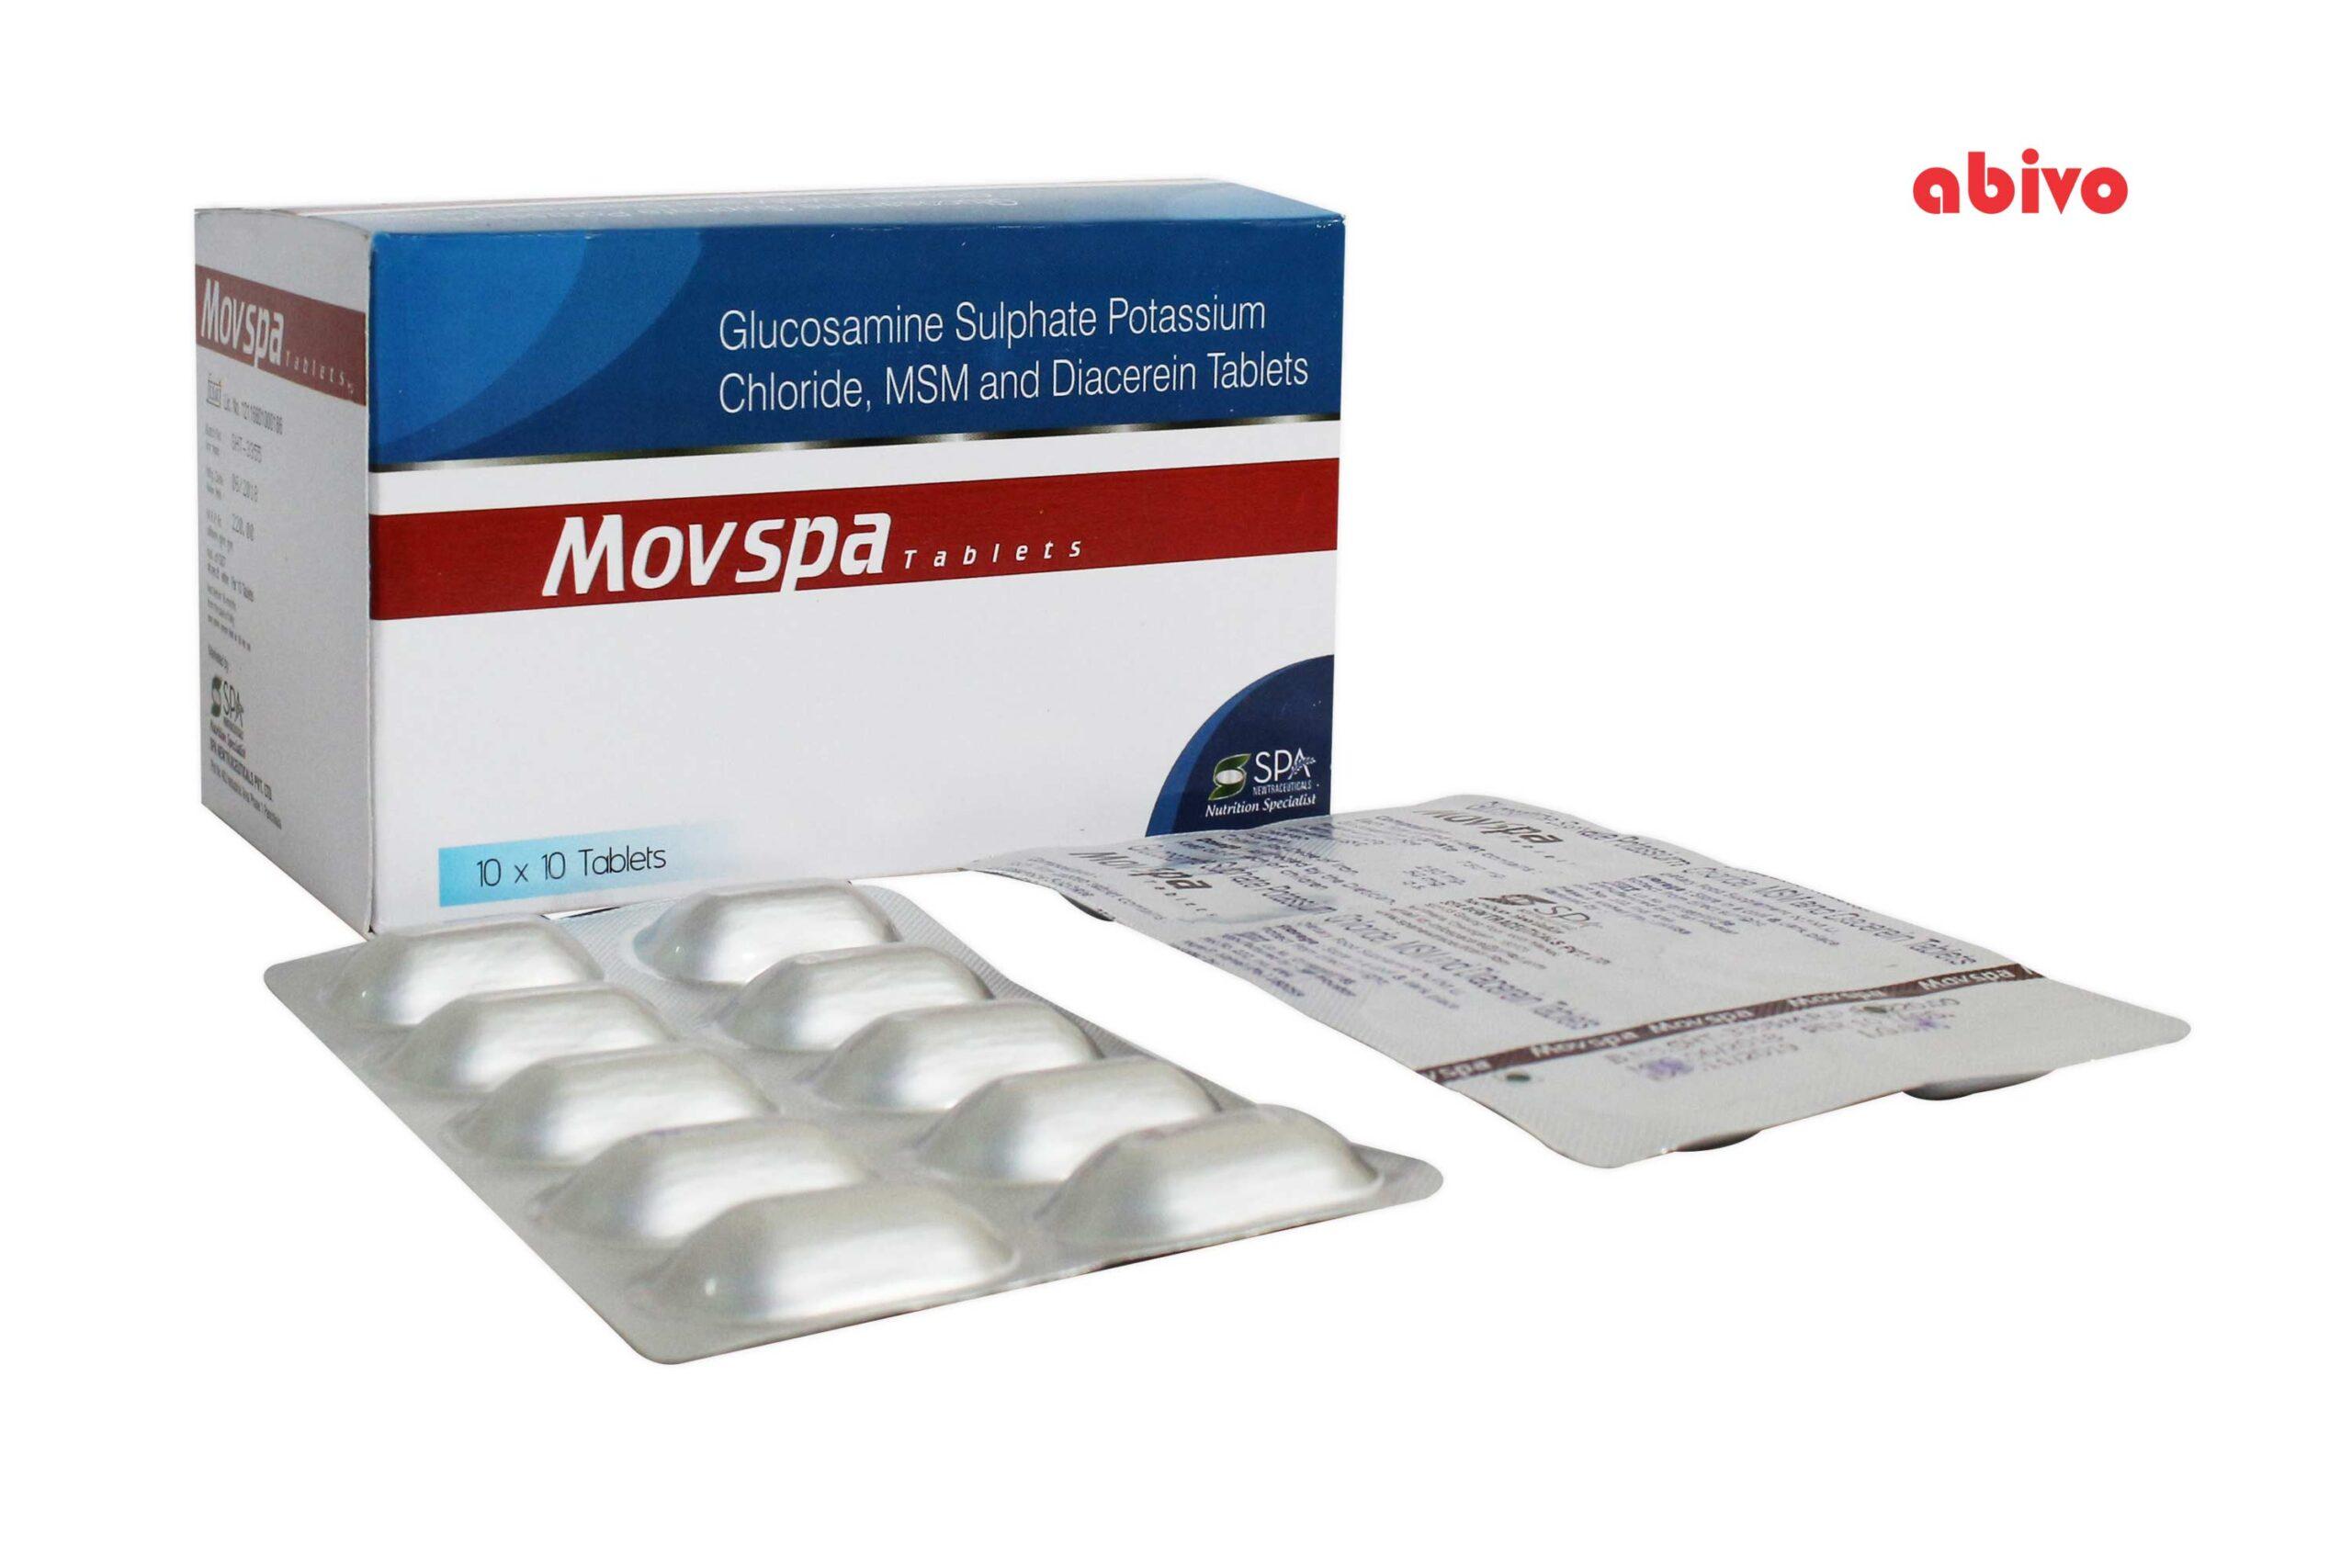 Movspa